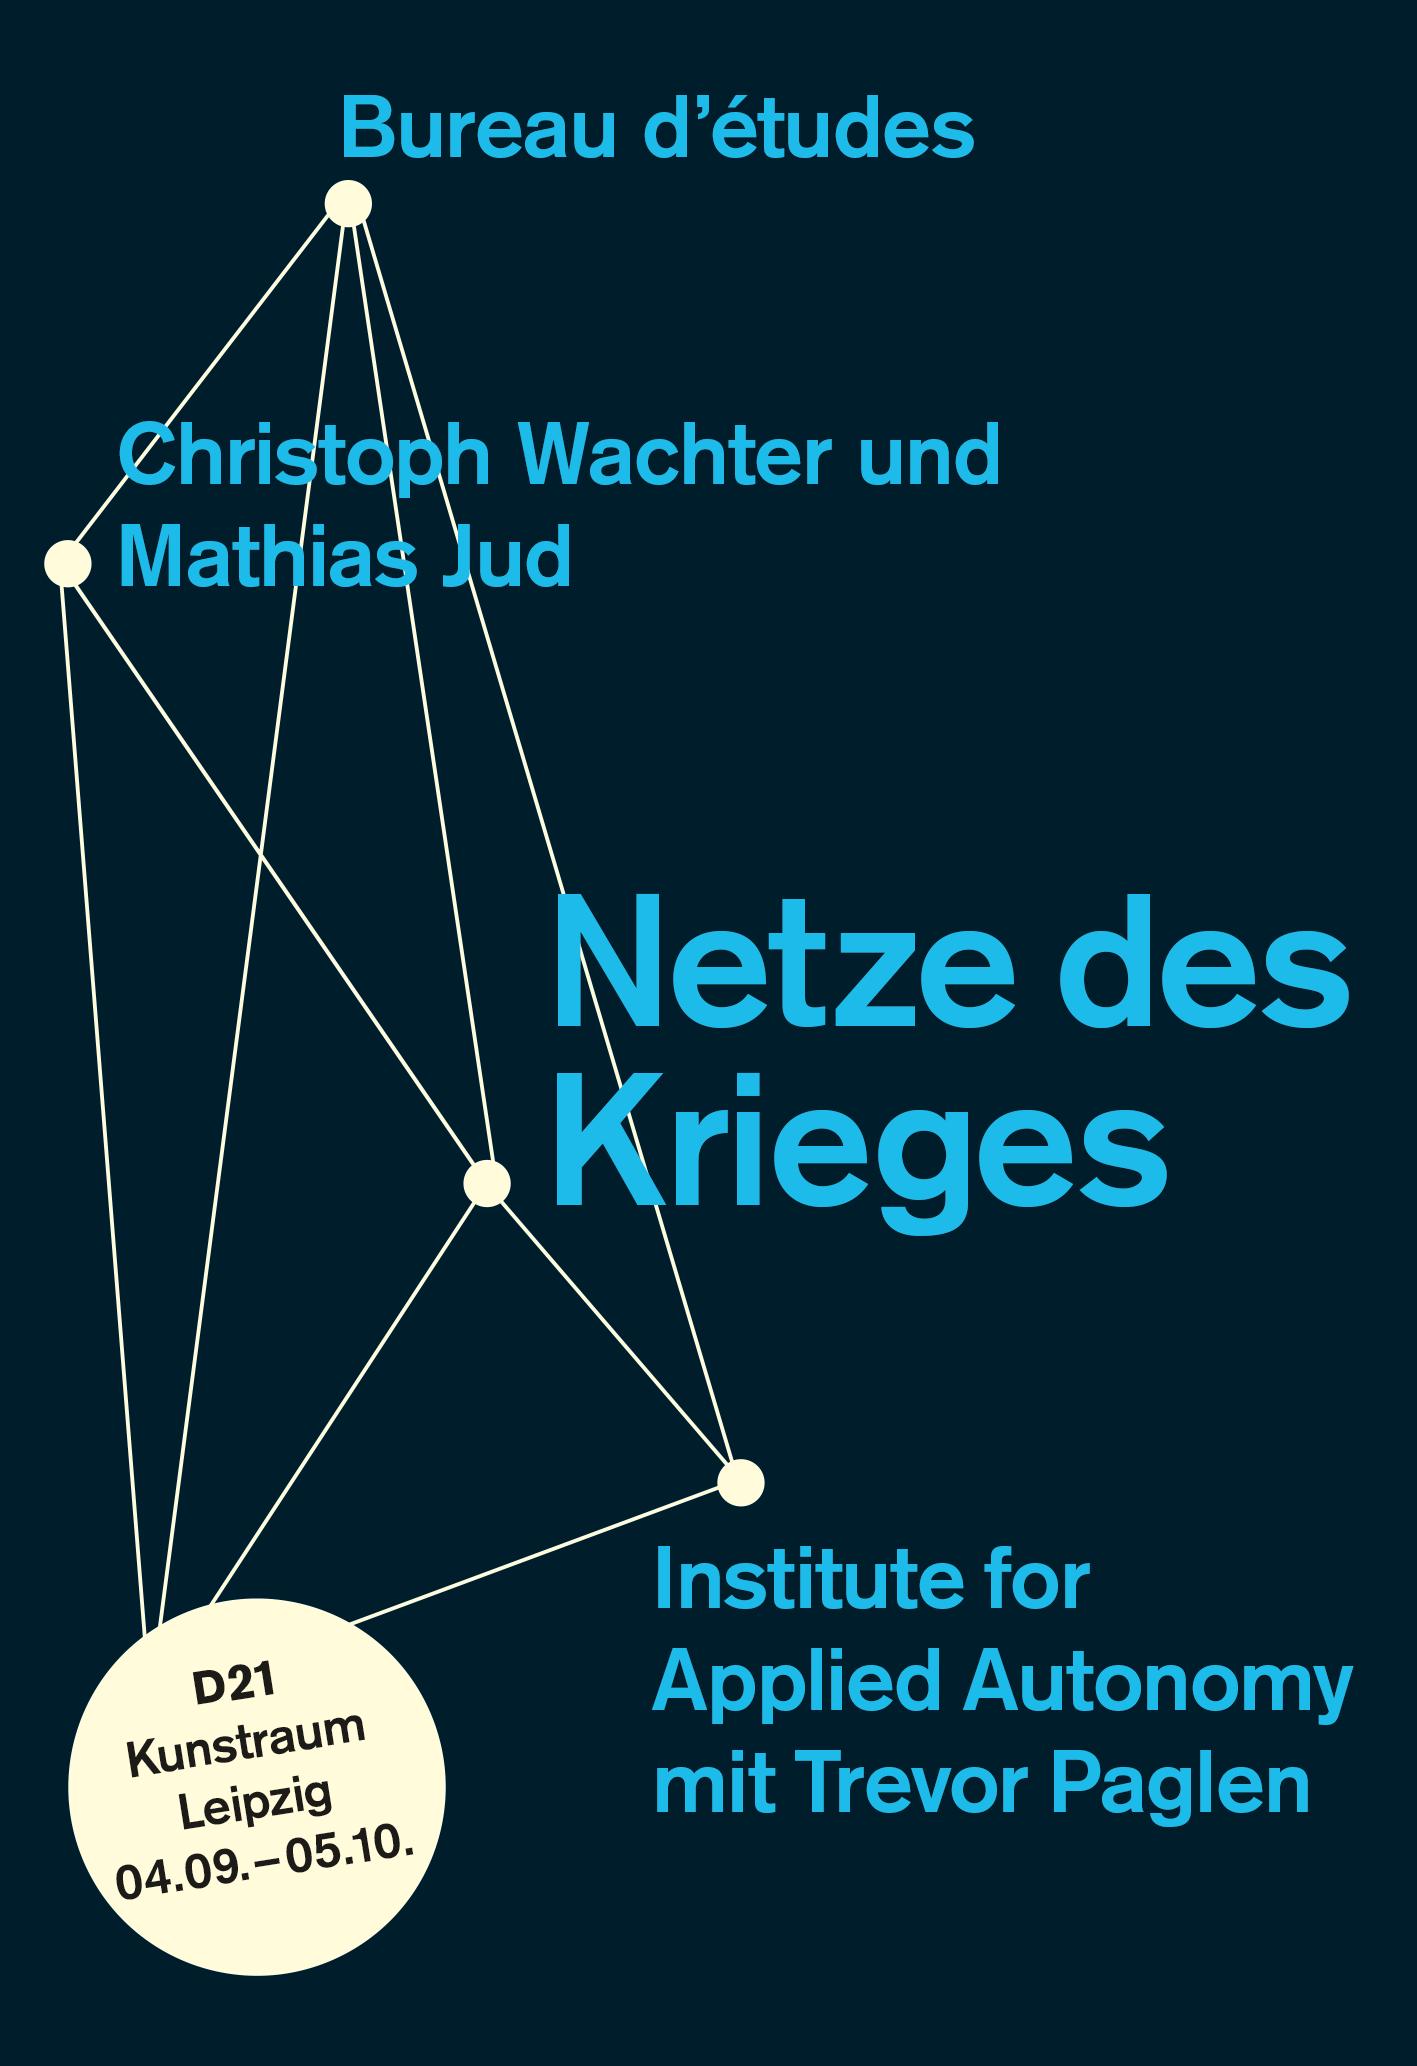 d21_netze_des_krieges_einladung